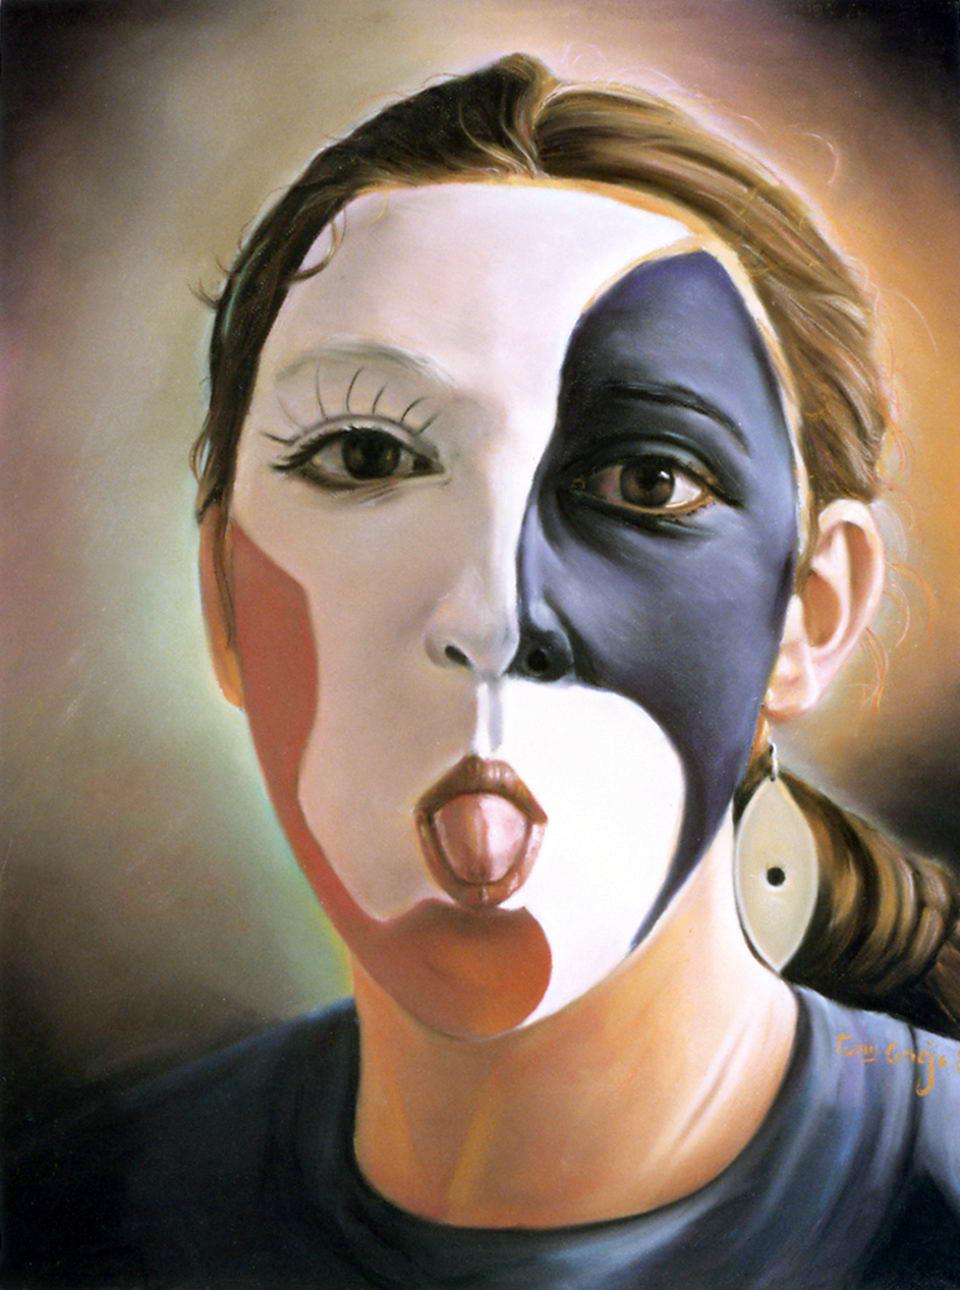 titulo: Muchaha sacando la lengua. Curso El arte de la Pintura y dibujo de artistas pintores